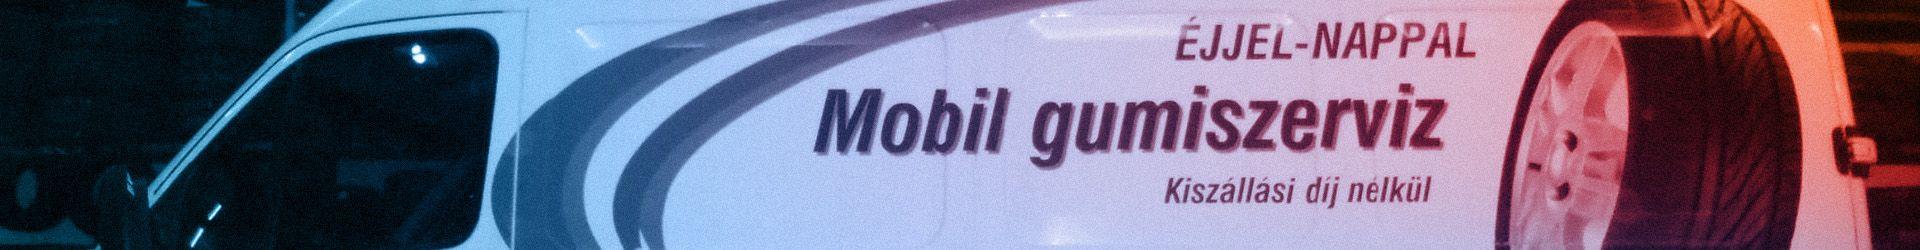 Nonstop mobil gumiszerviz